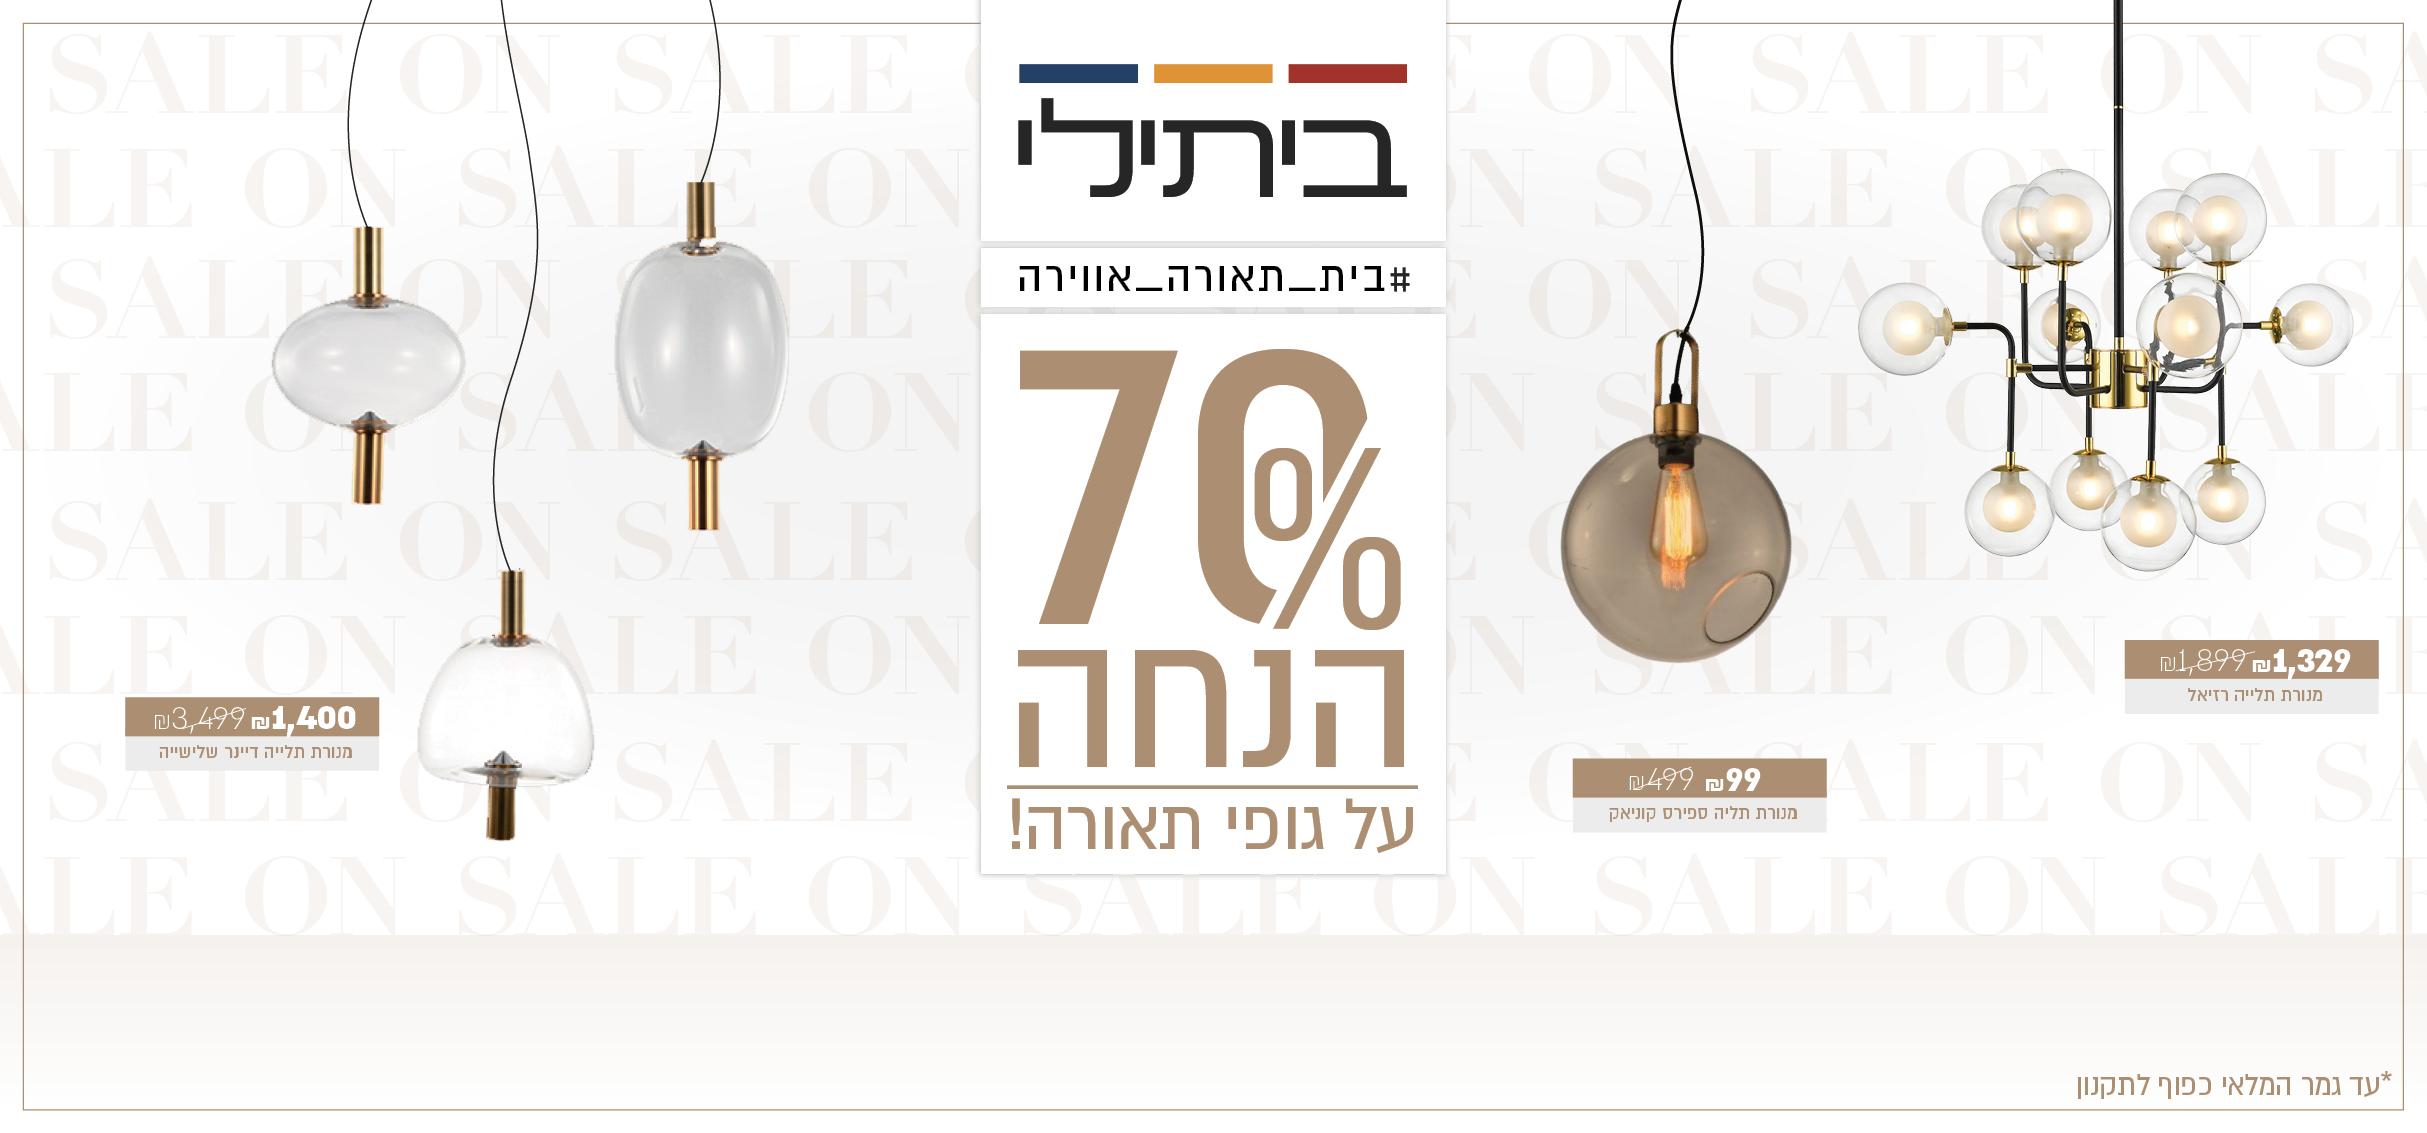 ביתילי  #בית_תאורה_אווירה  70% הנחה על גופי התאורה!